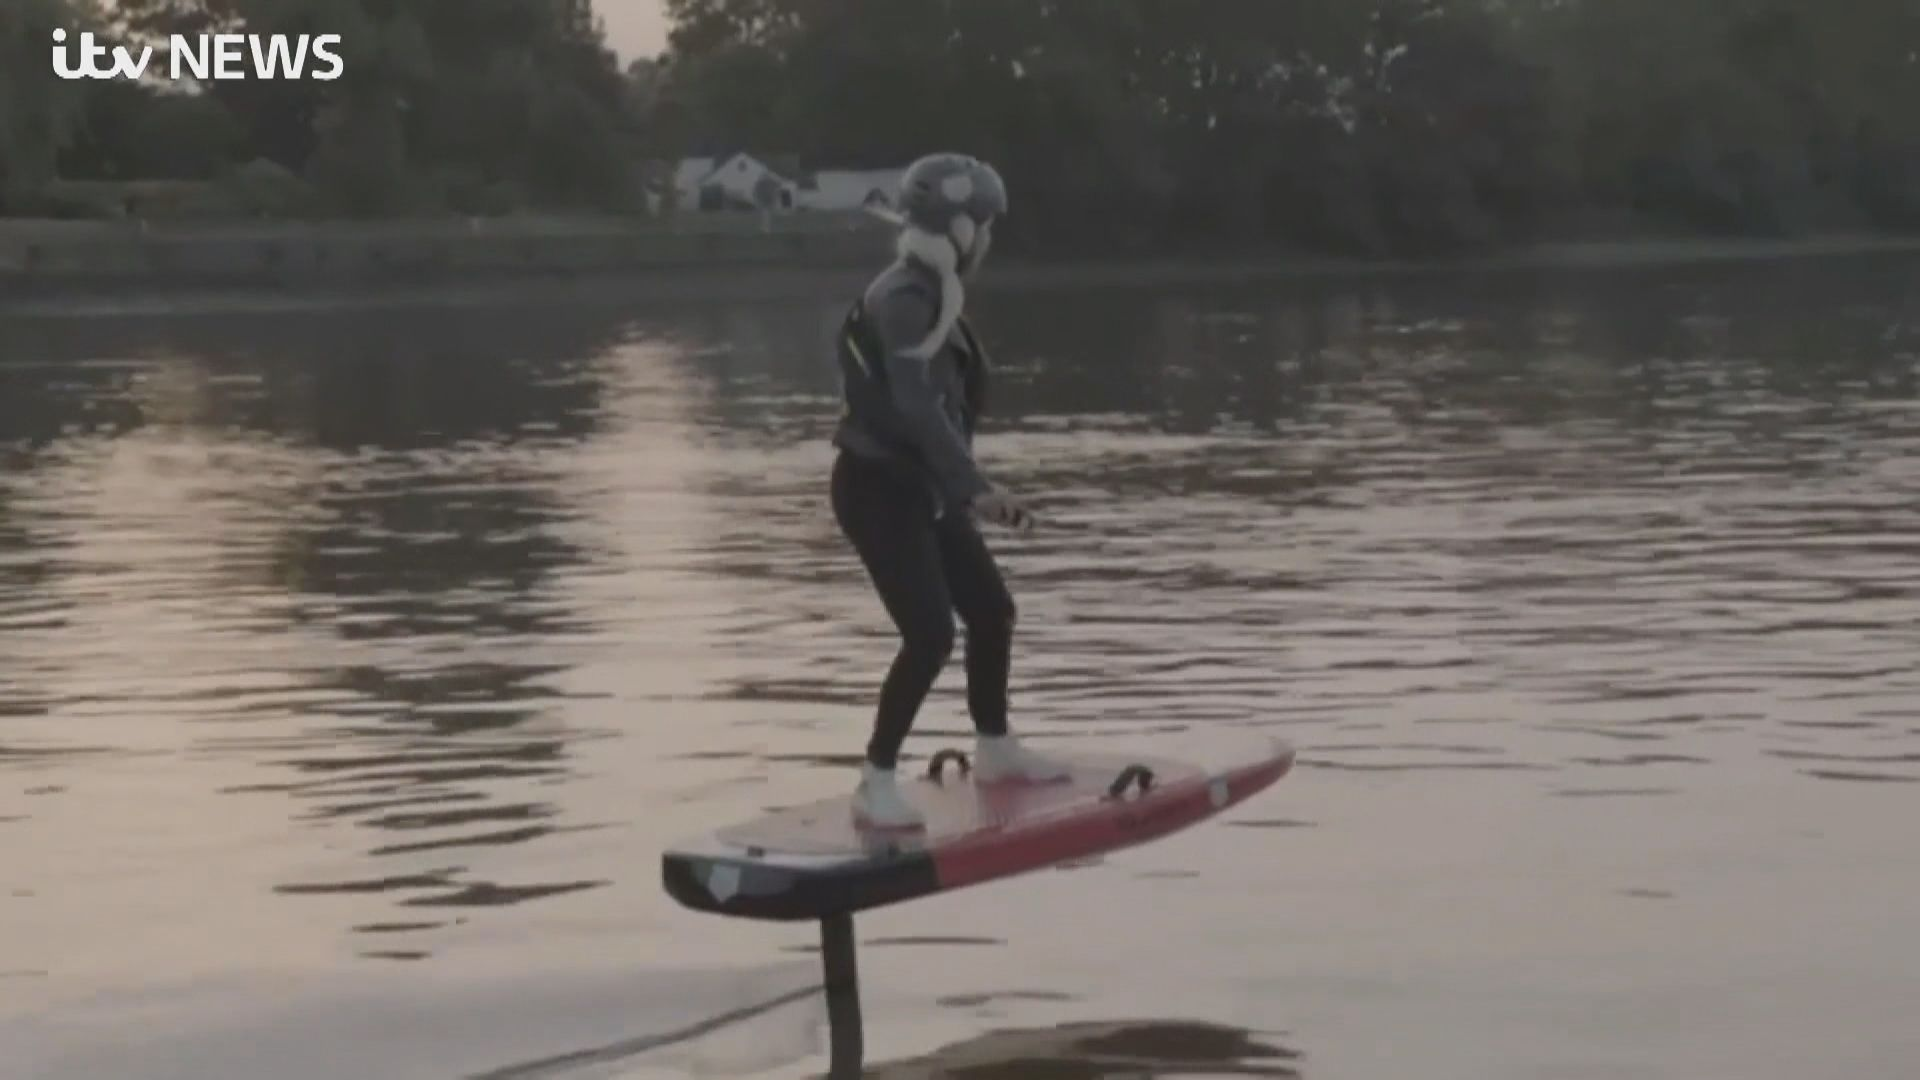 【環球薈報】滑雪運動員踏上「飛行滑板」穿梭泰晤士河